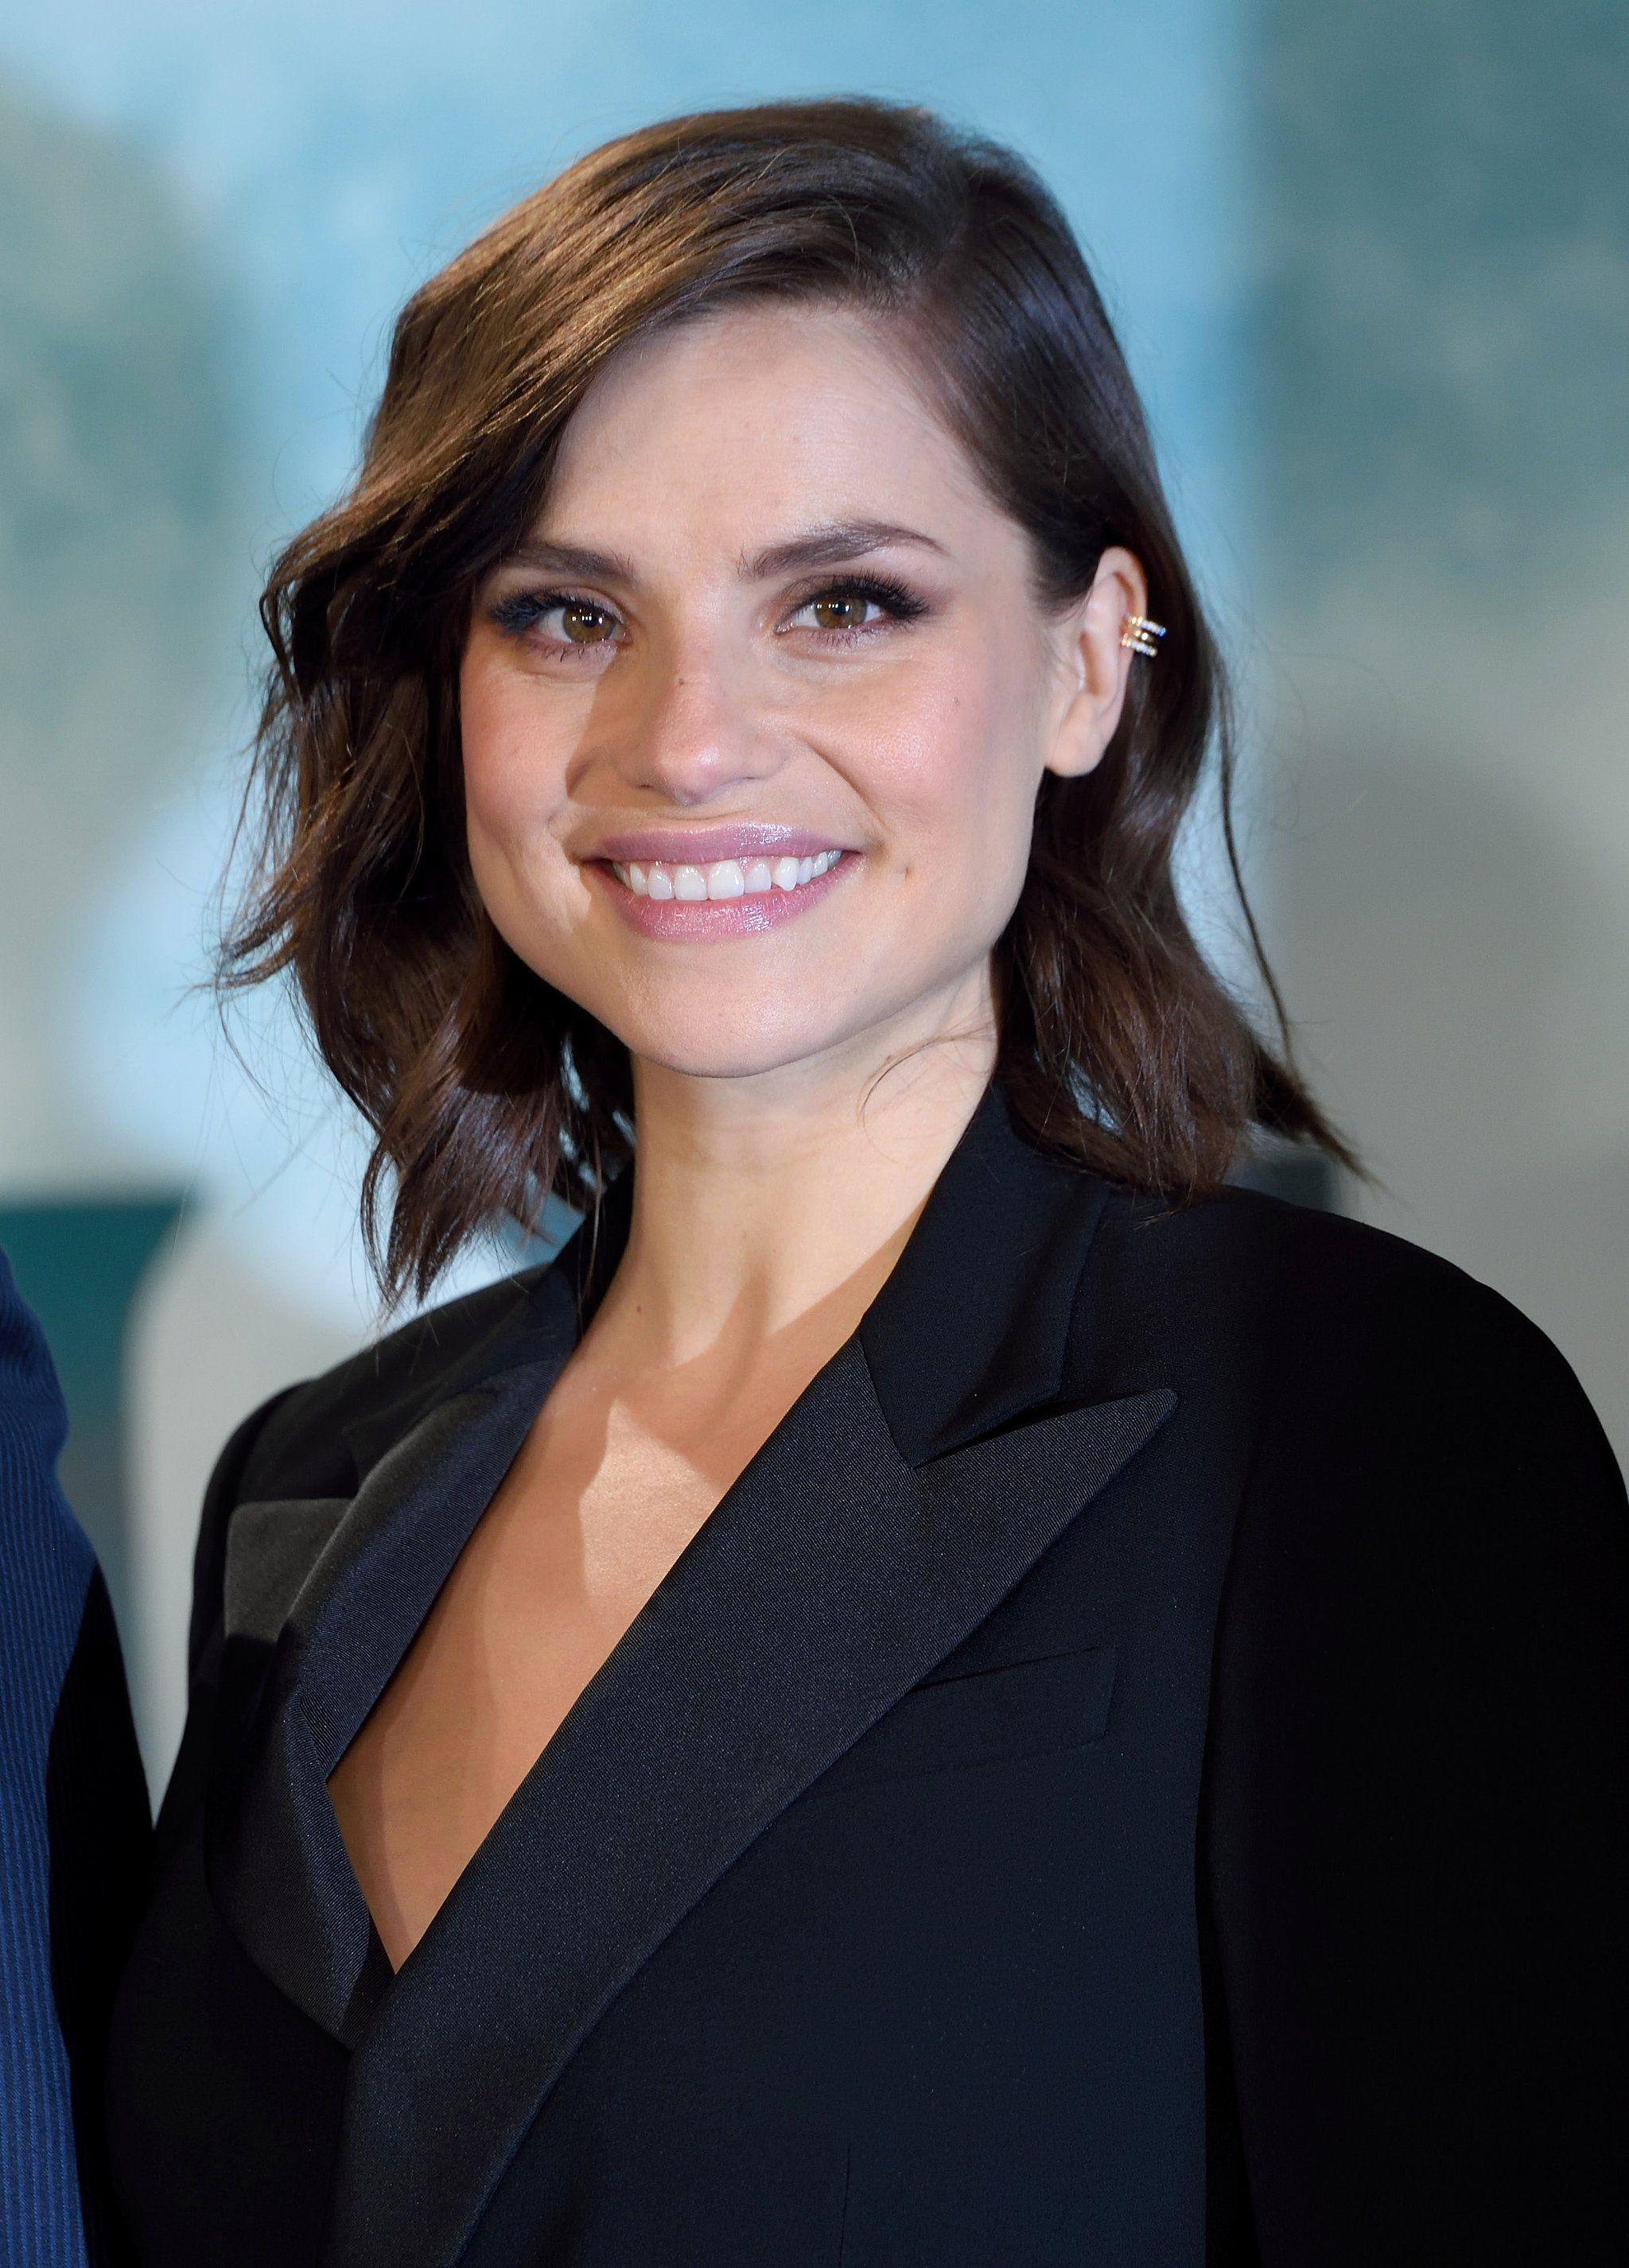 Charlotte Riley (born 1981)